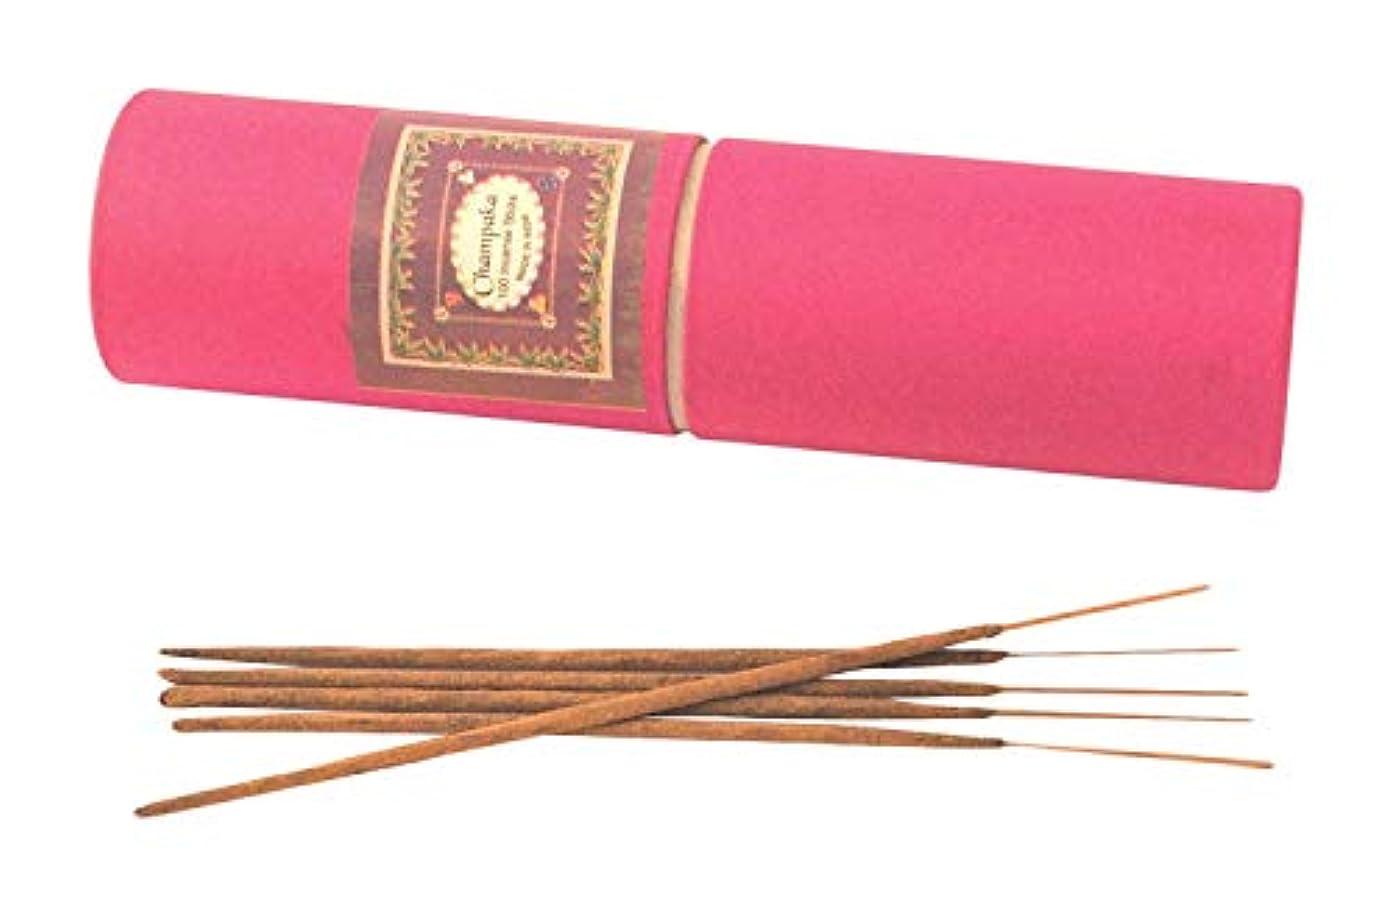 オーロック刺激する誕生My Earth Store Champaka Hand Made Incense Stick (4 cm x 4 cm x 24 cm, Brown)